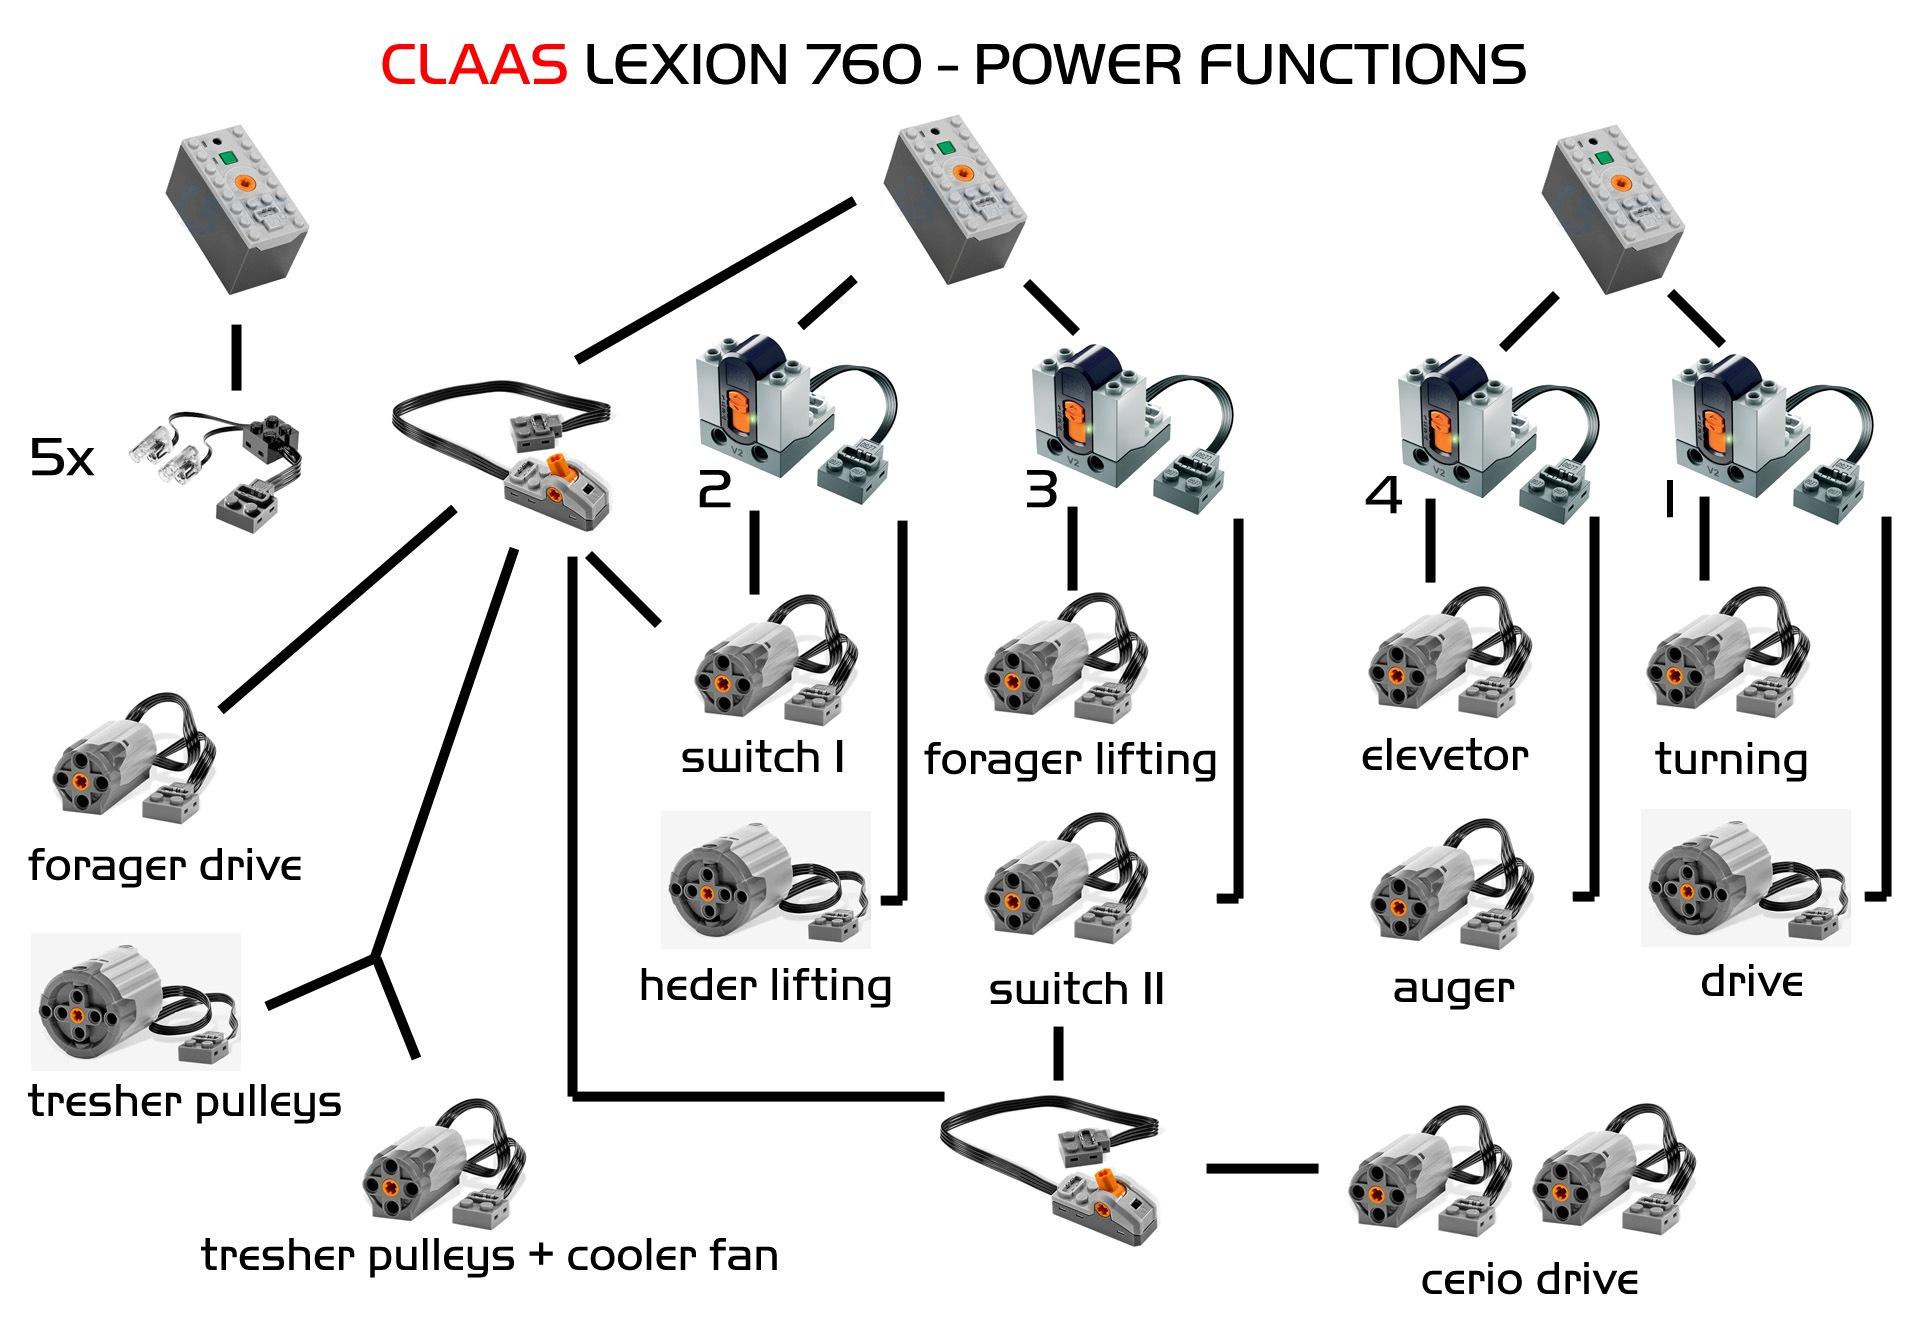 Moc Claas Lexion 760